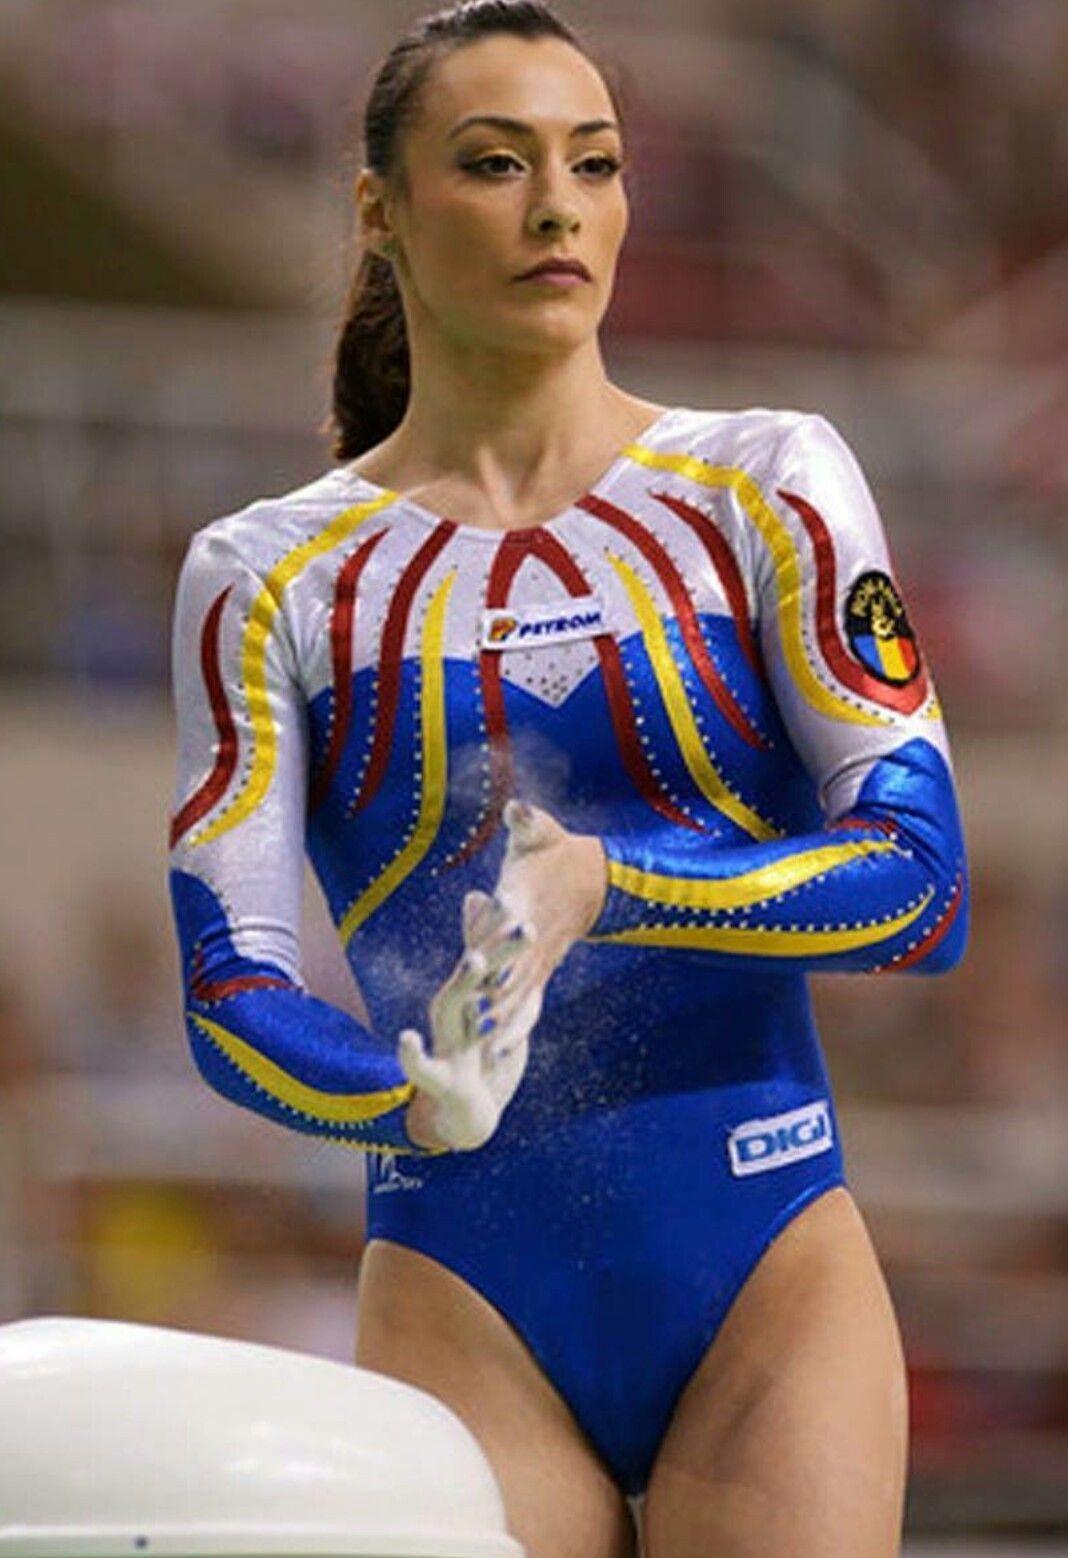 музее гимнастки румынские фото найдено туле